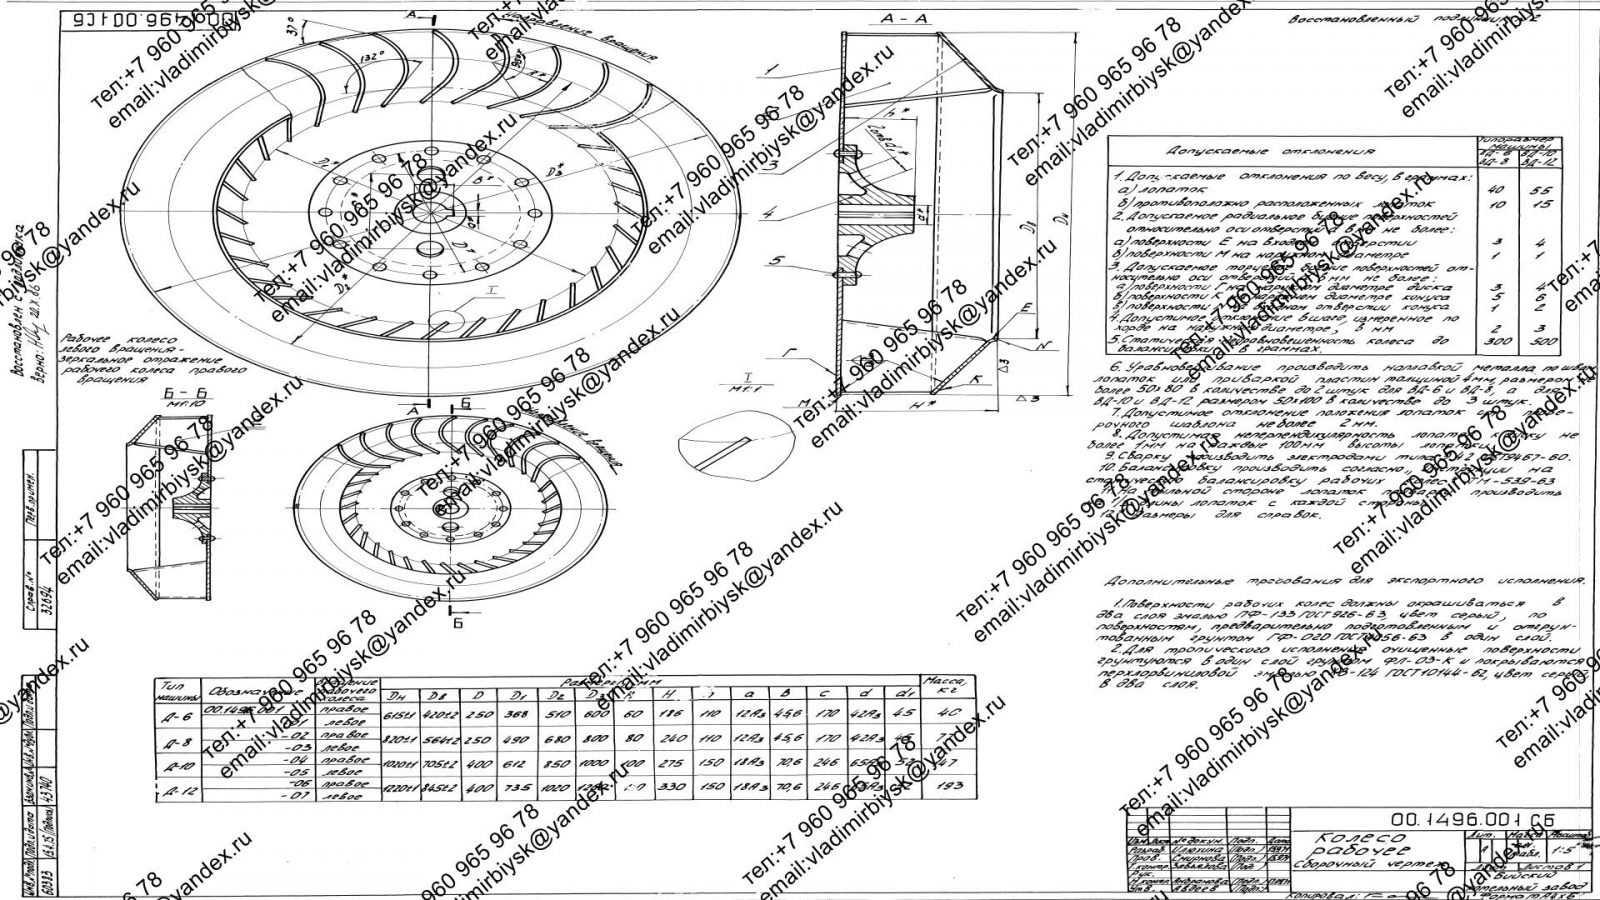 Чертеж рабочего колеса Д-6-12 (ВД-6-12)